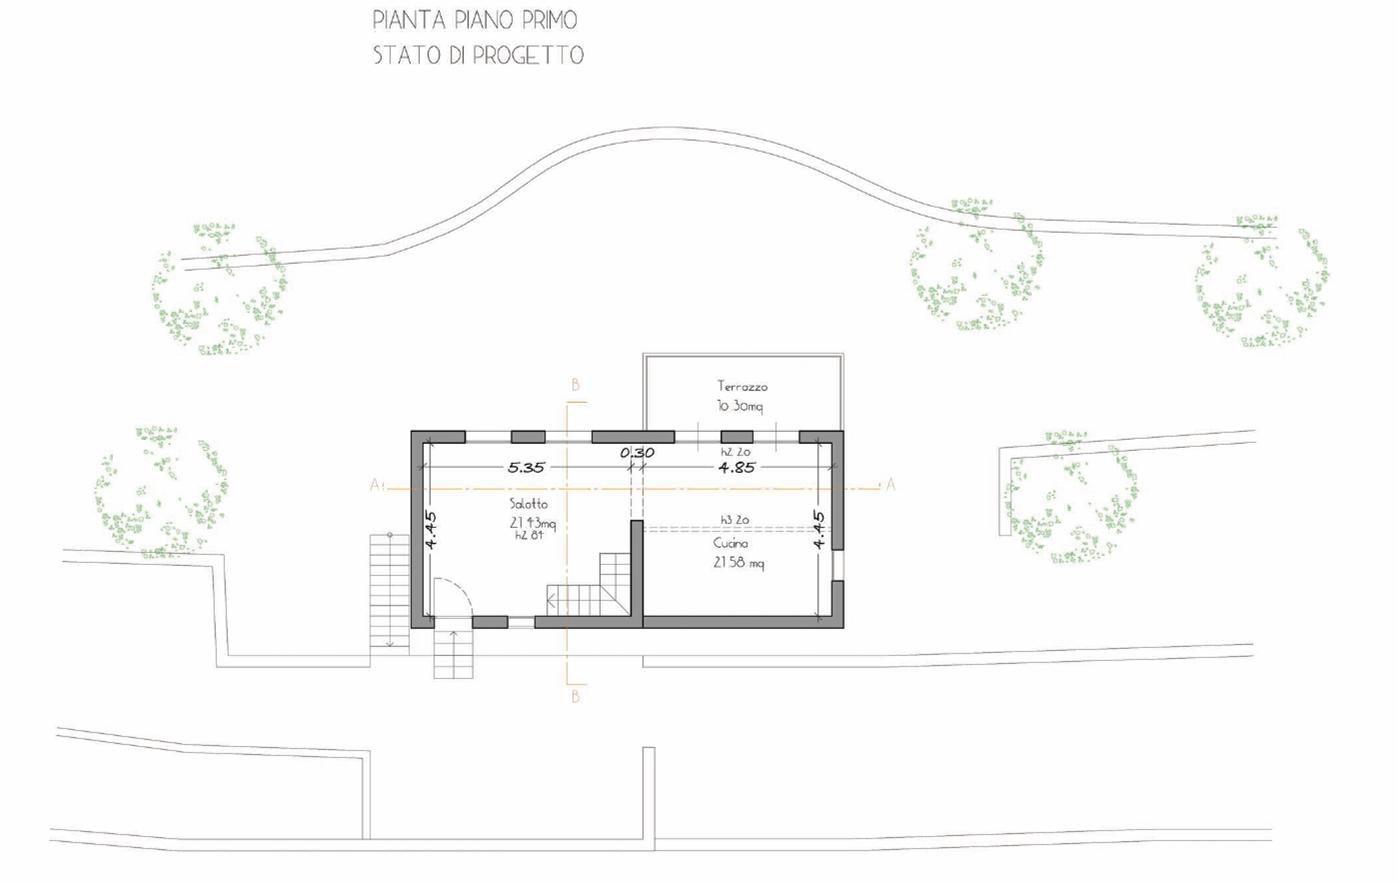 Casa 60 Mq Pianta vendita casa - dolceacqua - italia - 220 000 €